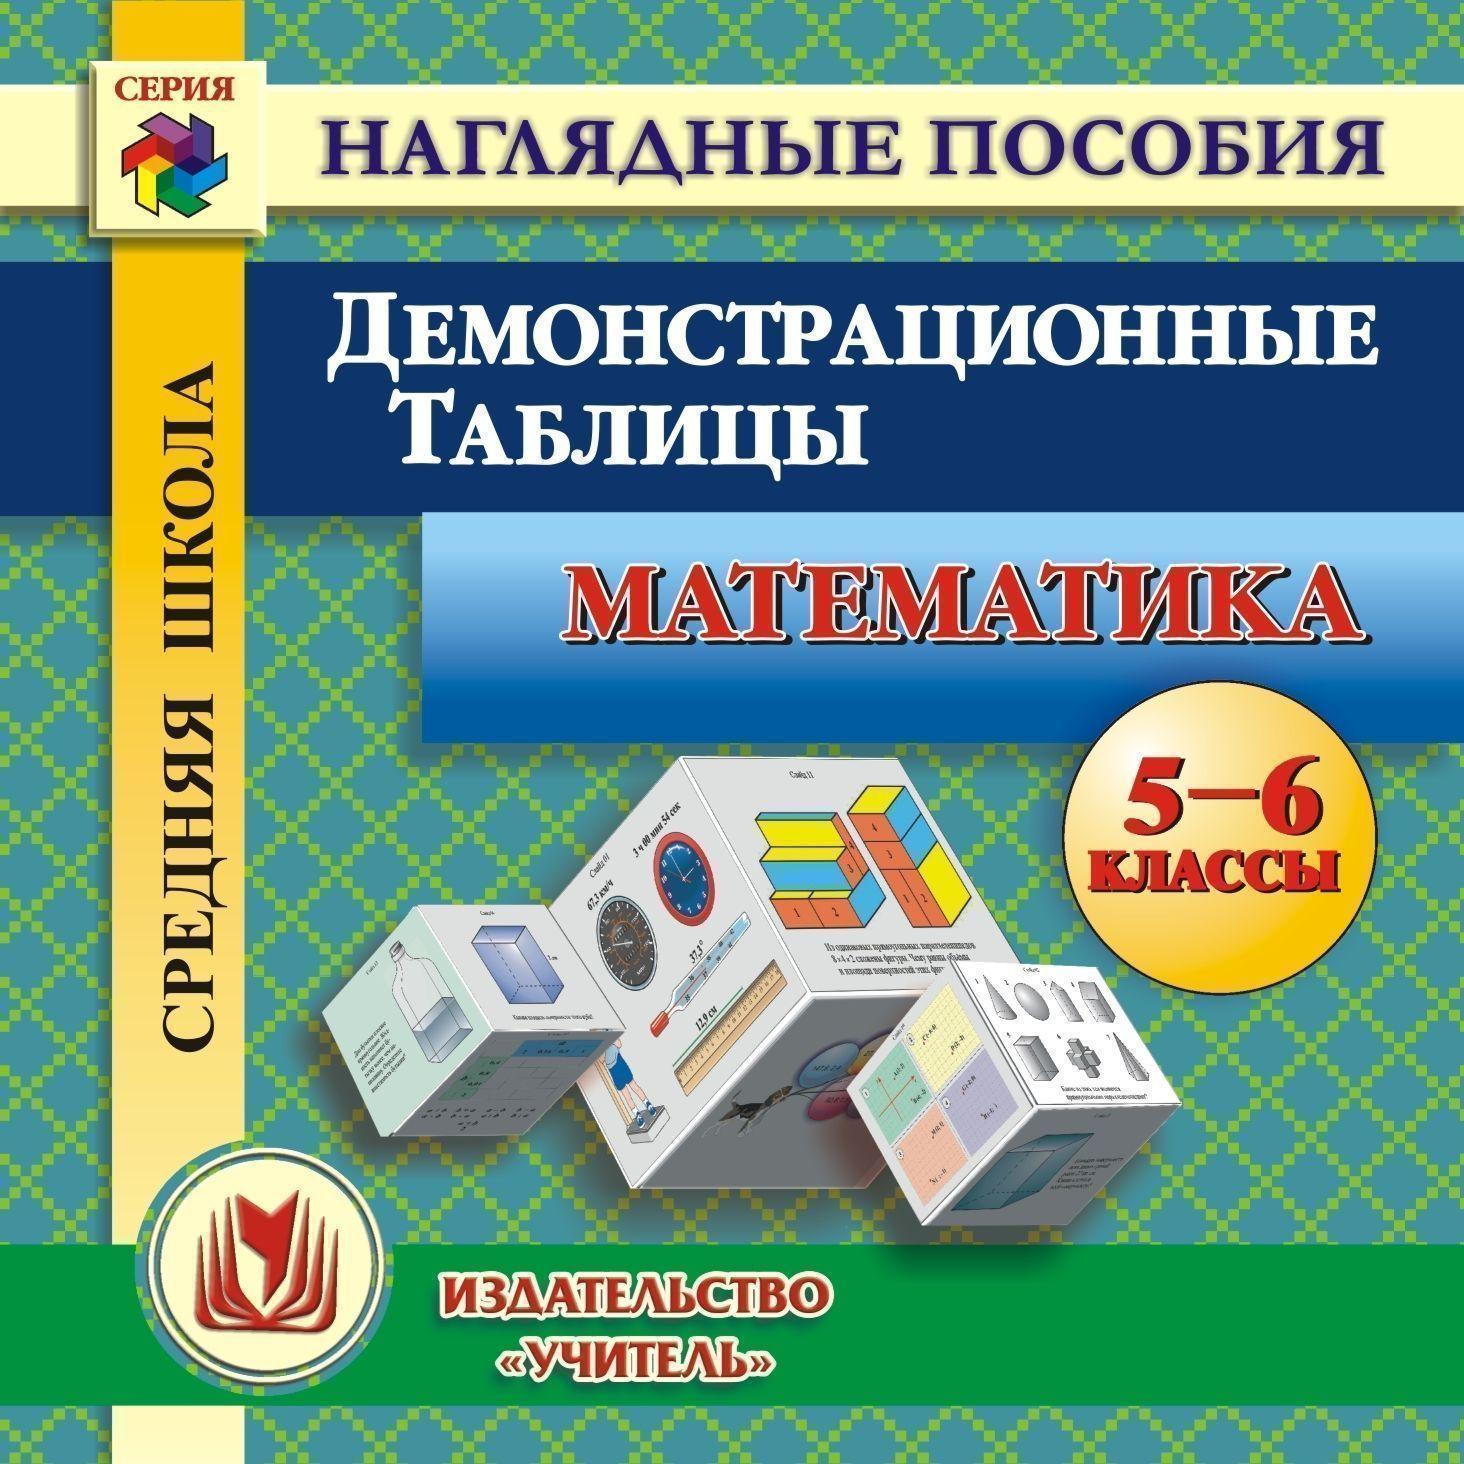 Учитель / Математика. Демонстрационные таблицы. 5-6 классы. Компакт-диск для компьютера